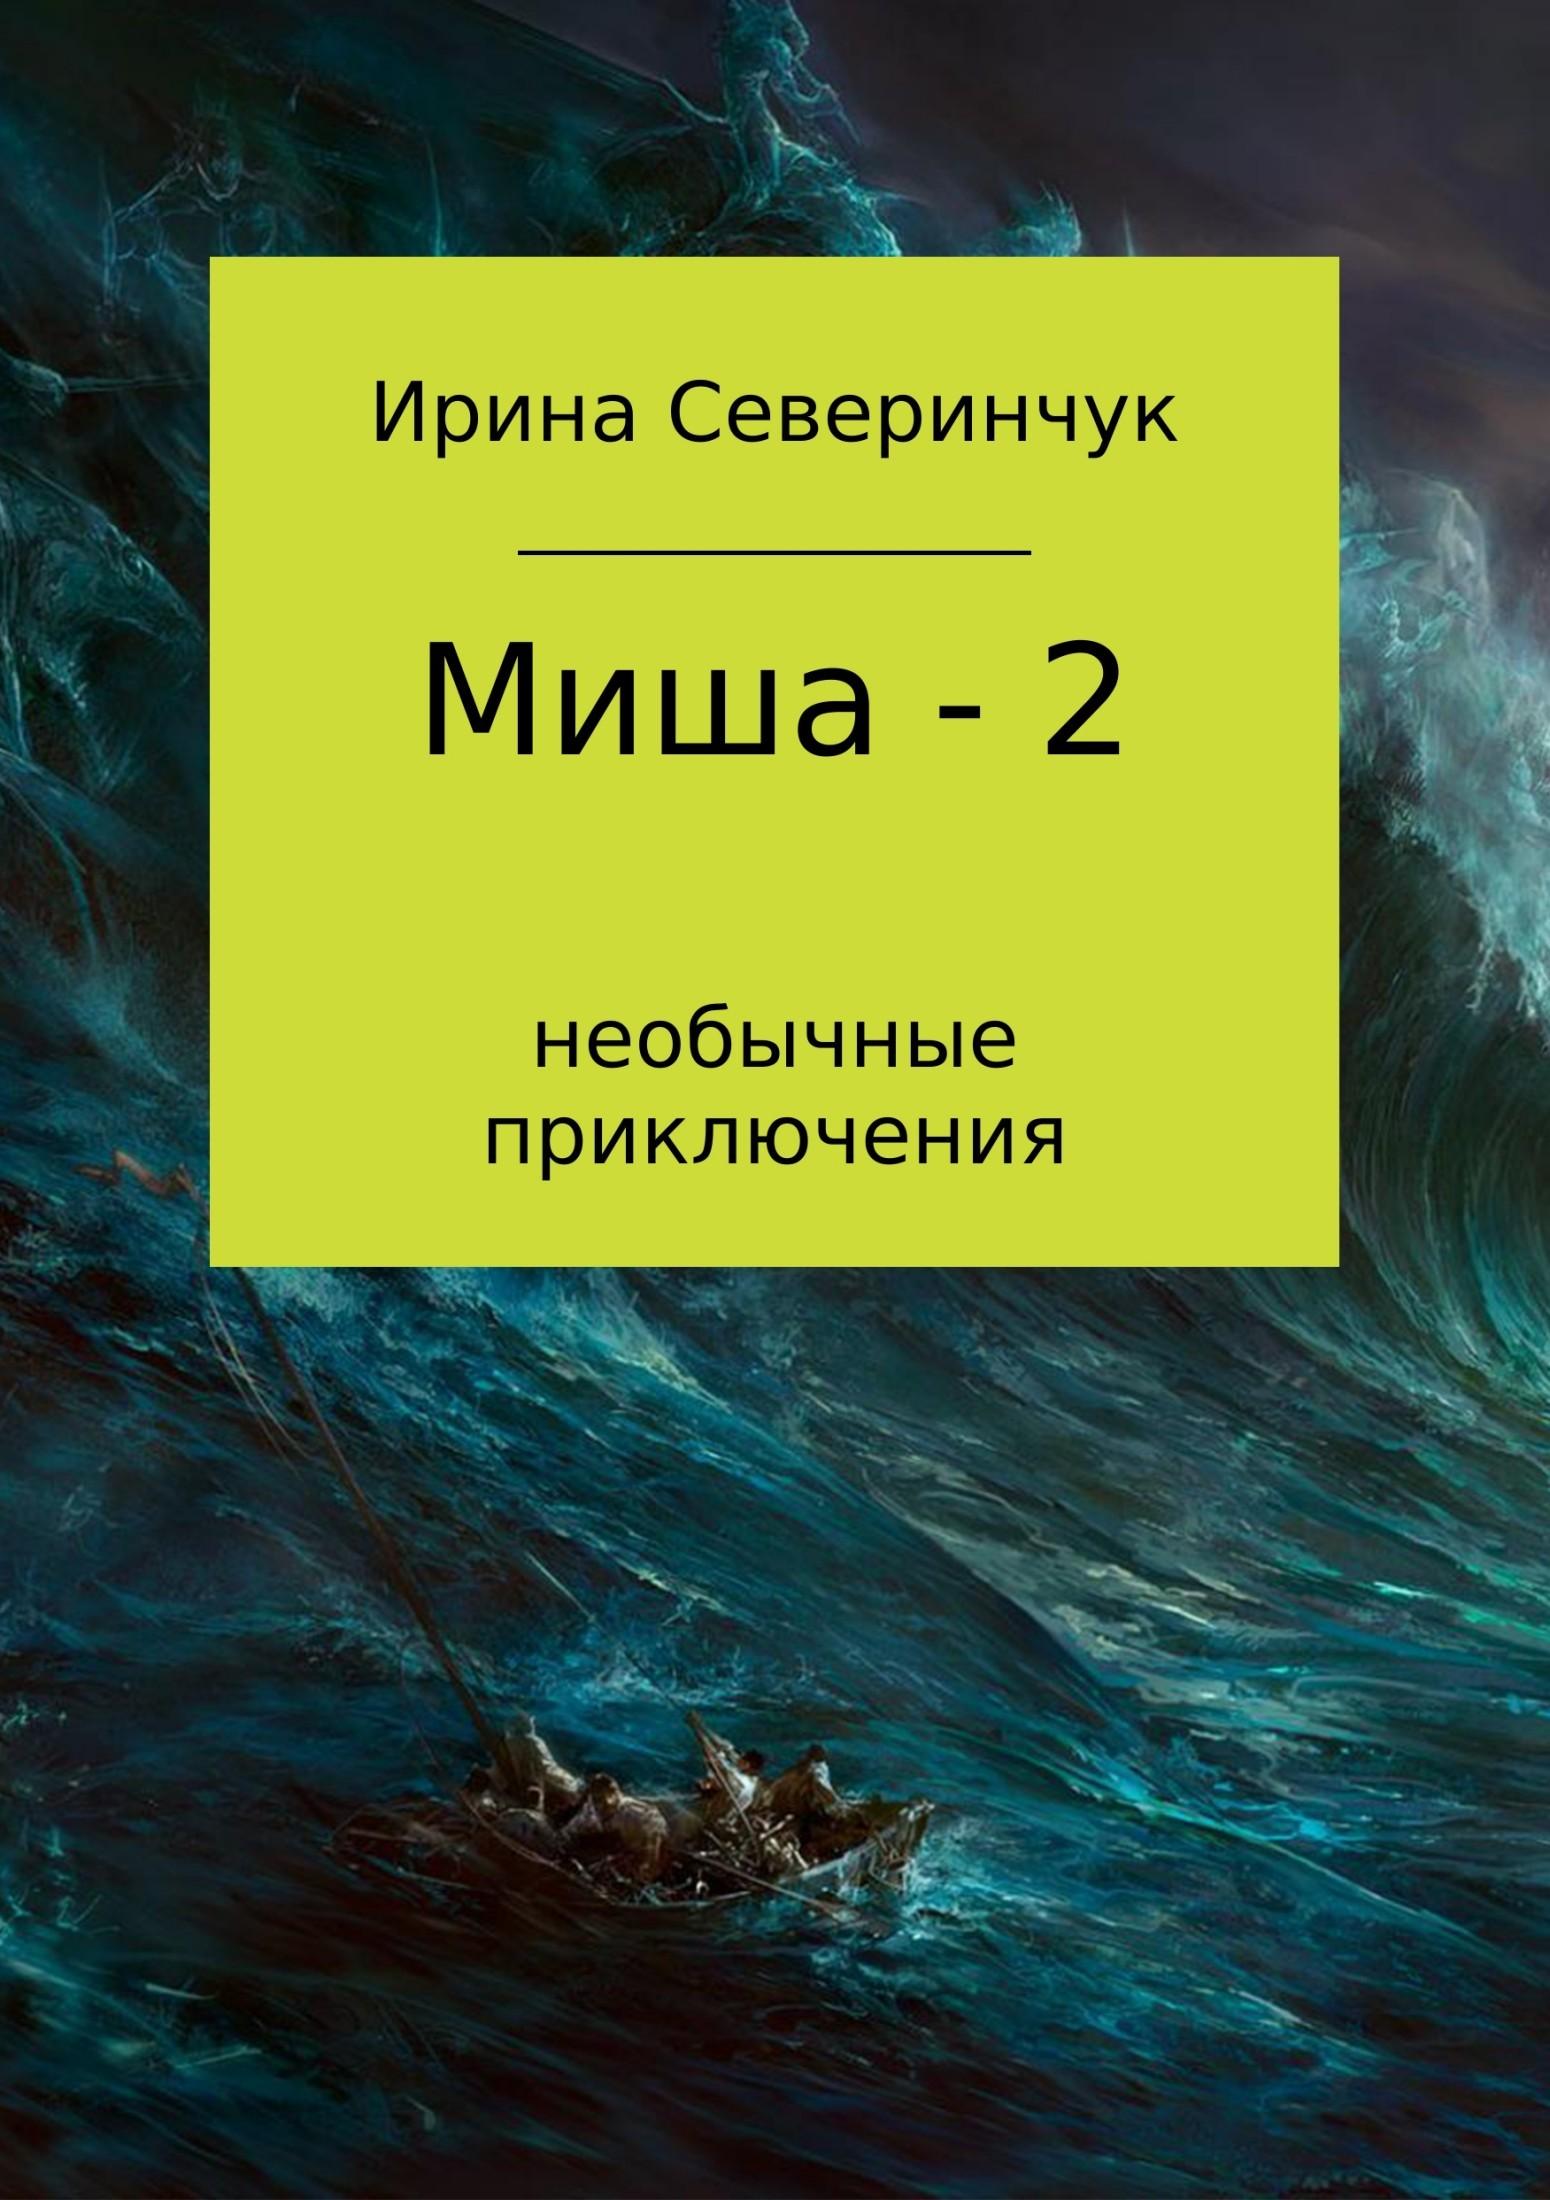 Миша – 2